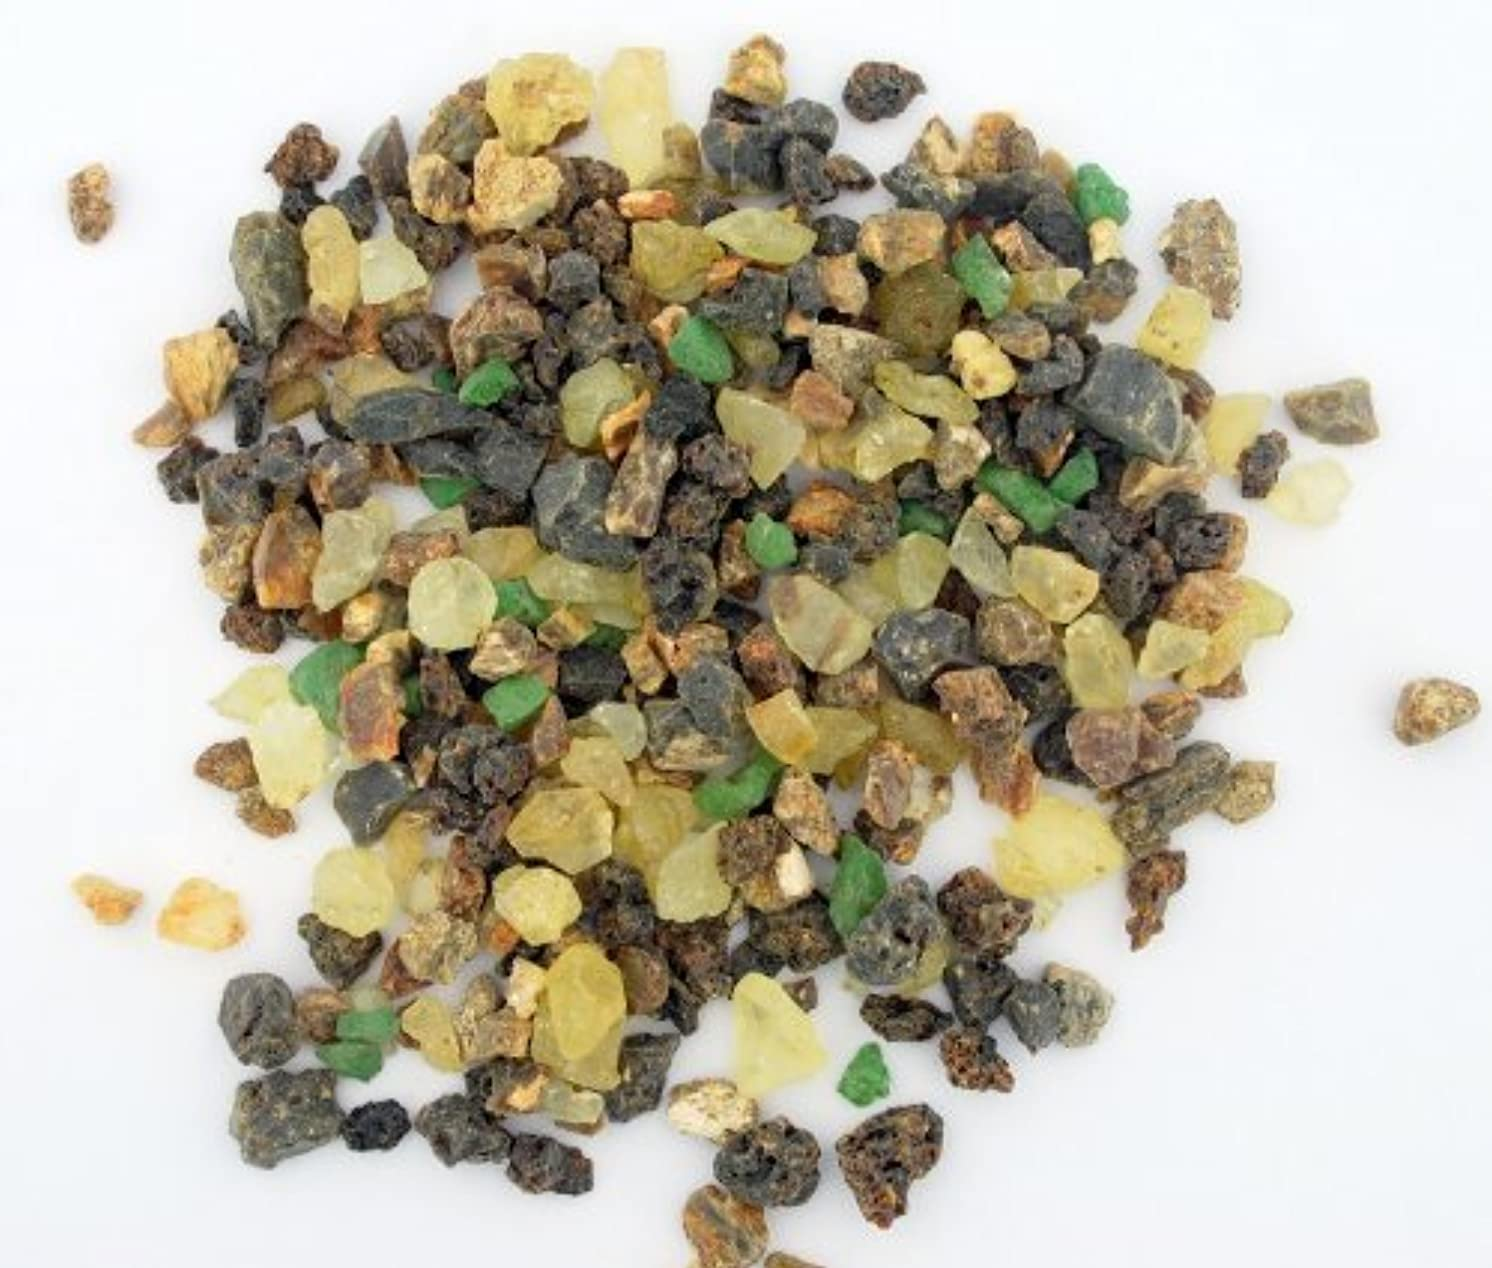 米ドルバイオレットスプリット高品質Trinity樹脂Incense – 1ポンドボックス – フォレストブレンド香り